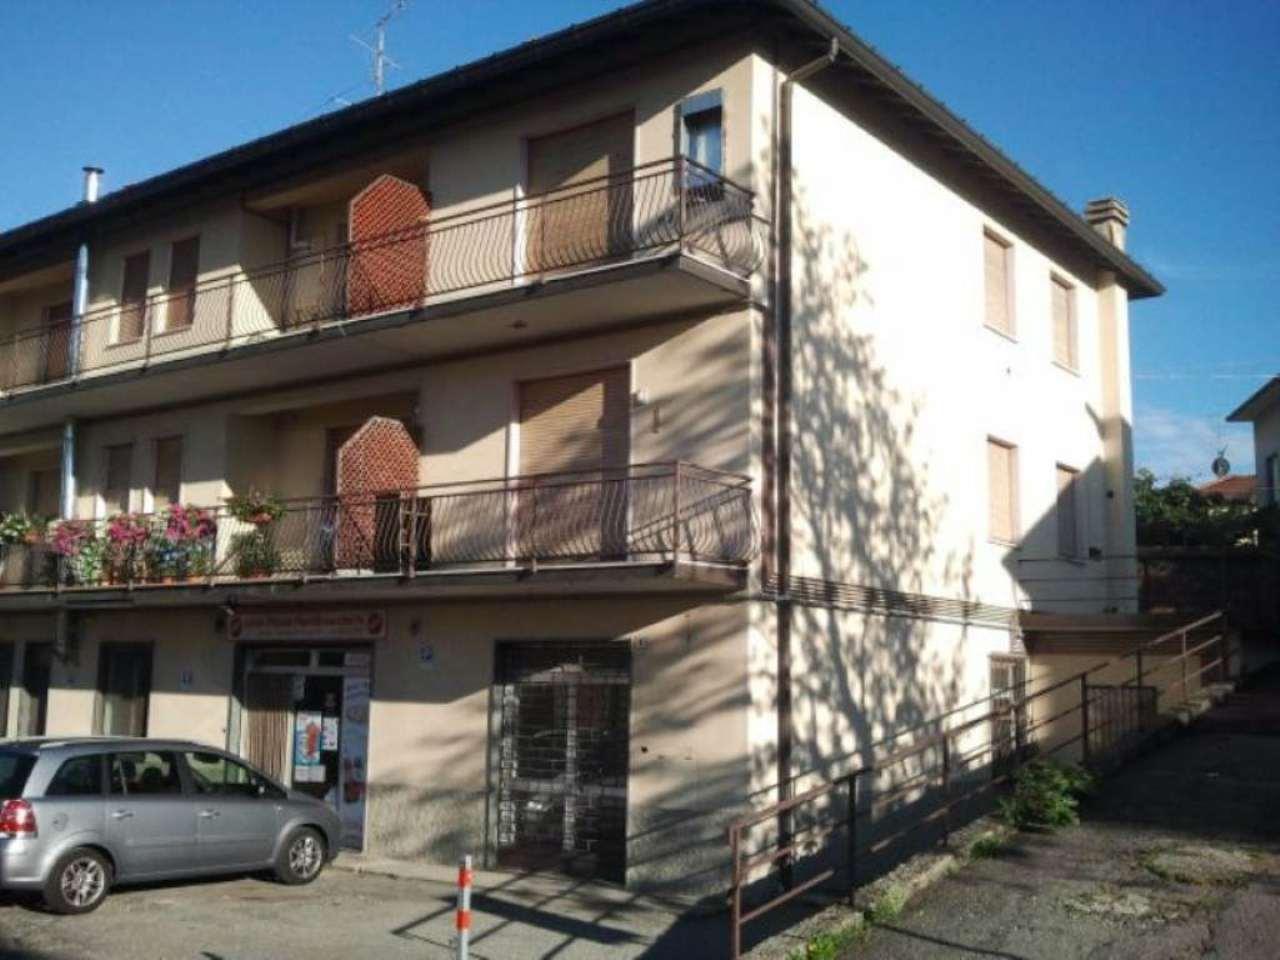 Appartamento in vendita a Faloppio, 3 locali, prezzo € 130.000 | Cambio Casa.it